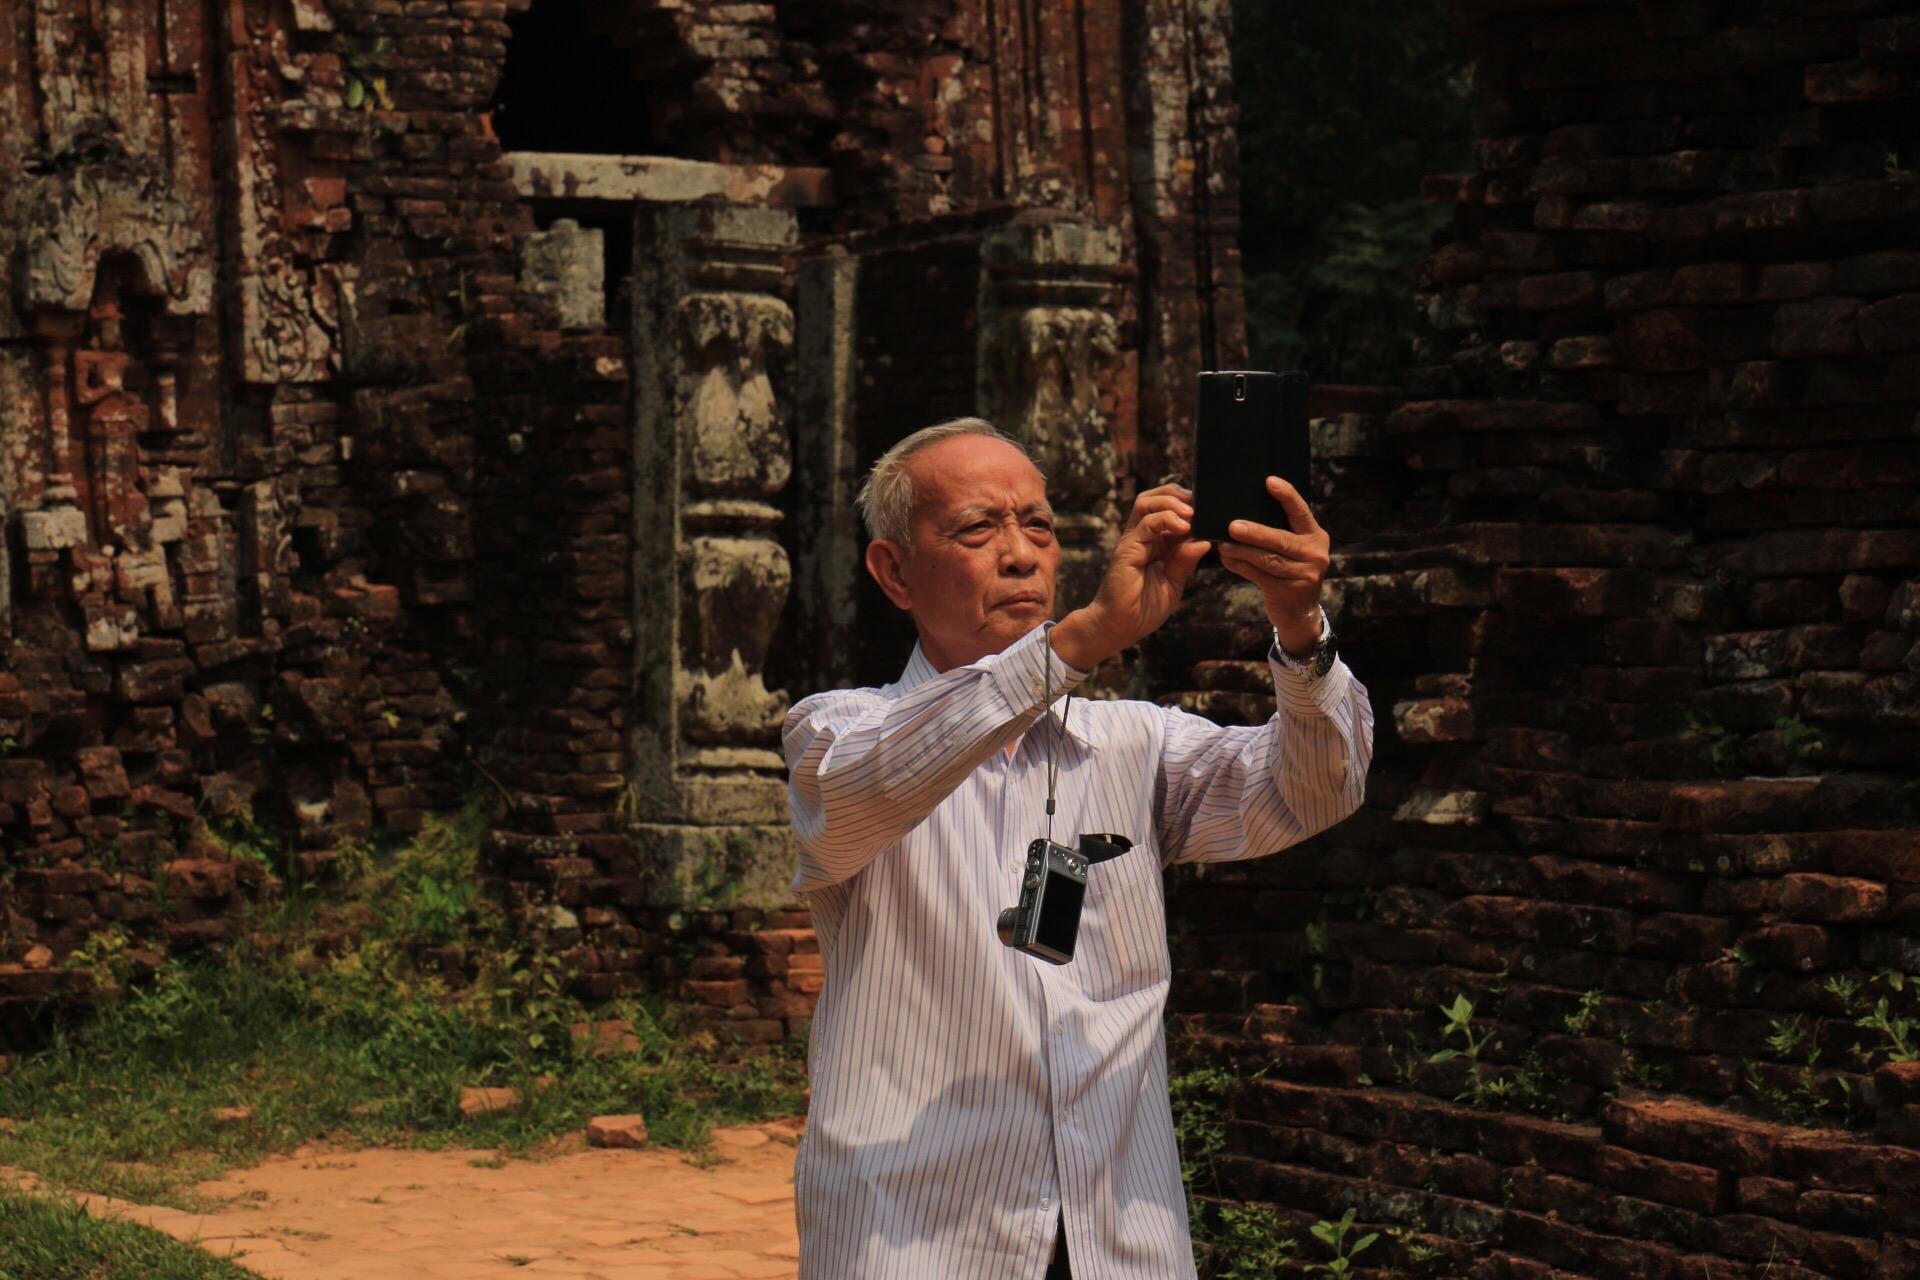 Der Selfie-Opa war auch lustig. Bestimmt 20x hat er versucht, DAS perfekte Selfie zu bekommen!